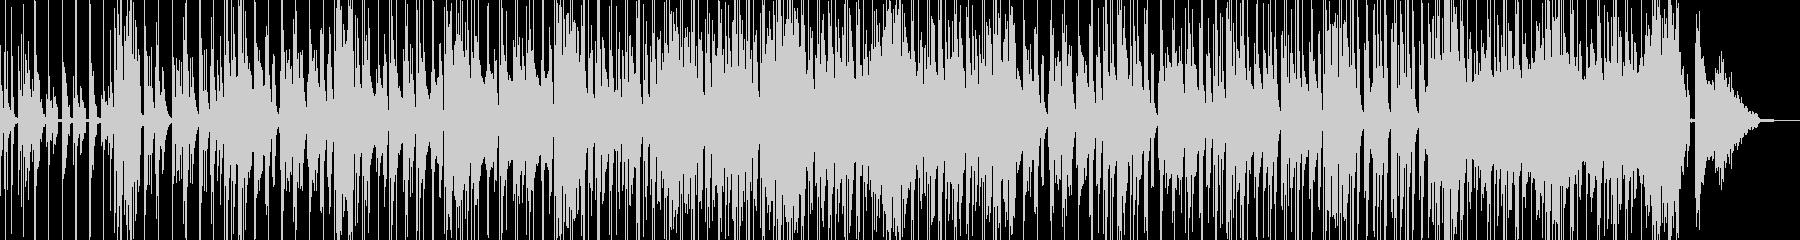 コメディに適した滑稽なBGM・低音有の未再生の波形